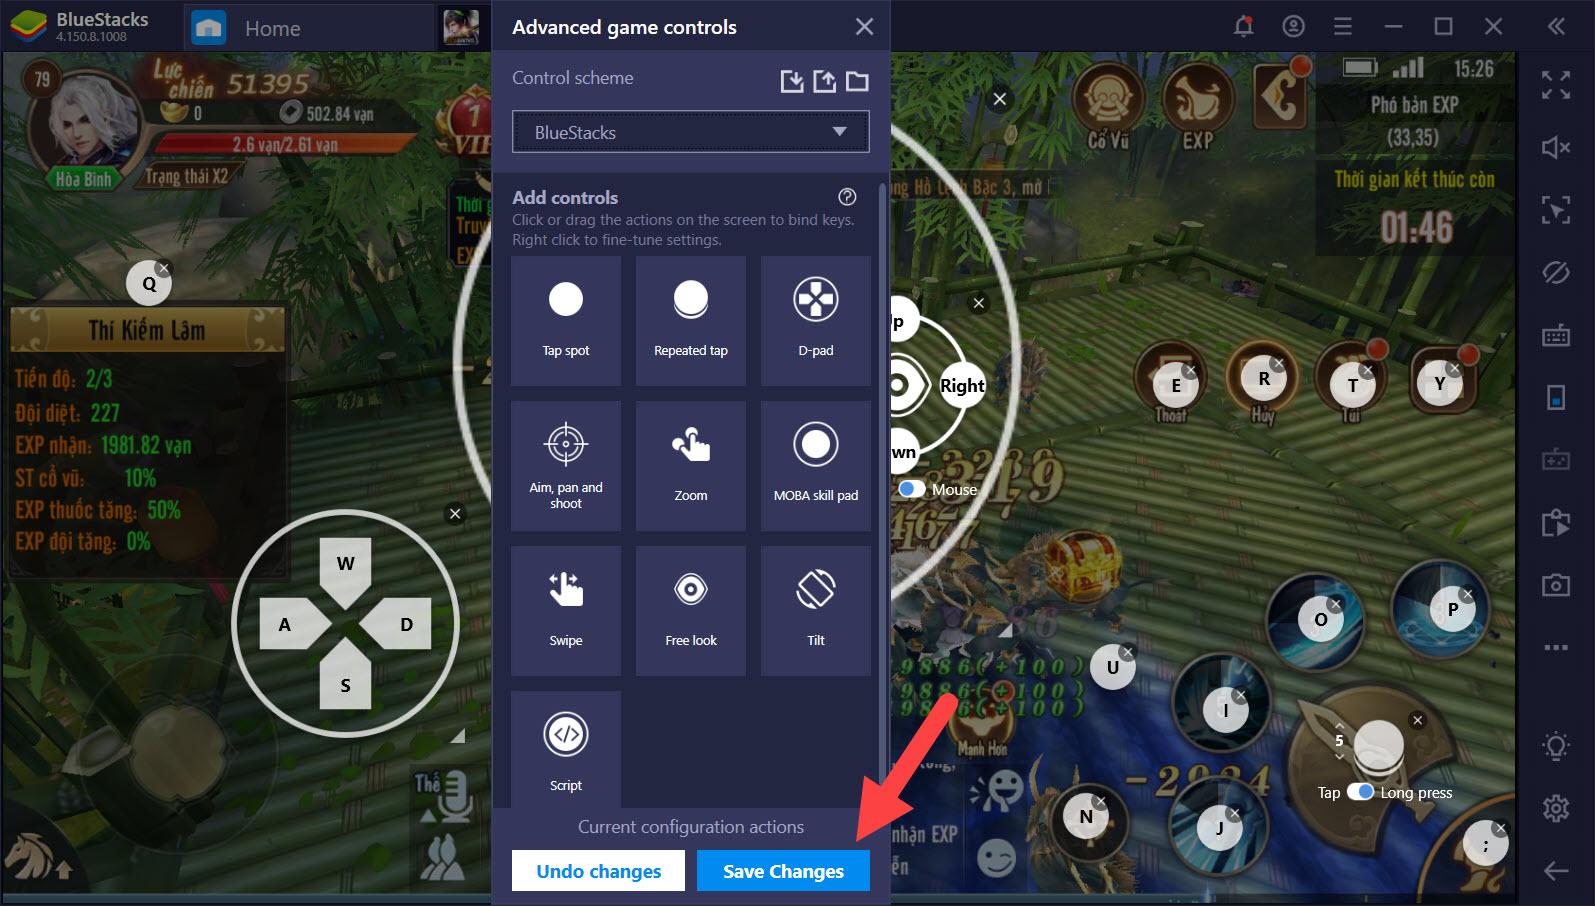 Tối ưu Game Controls khi chơi Hướng dẫn chơi game với BlueStacks